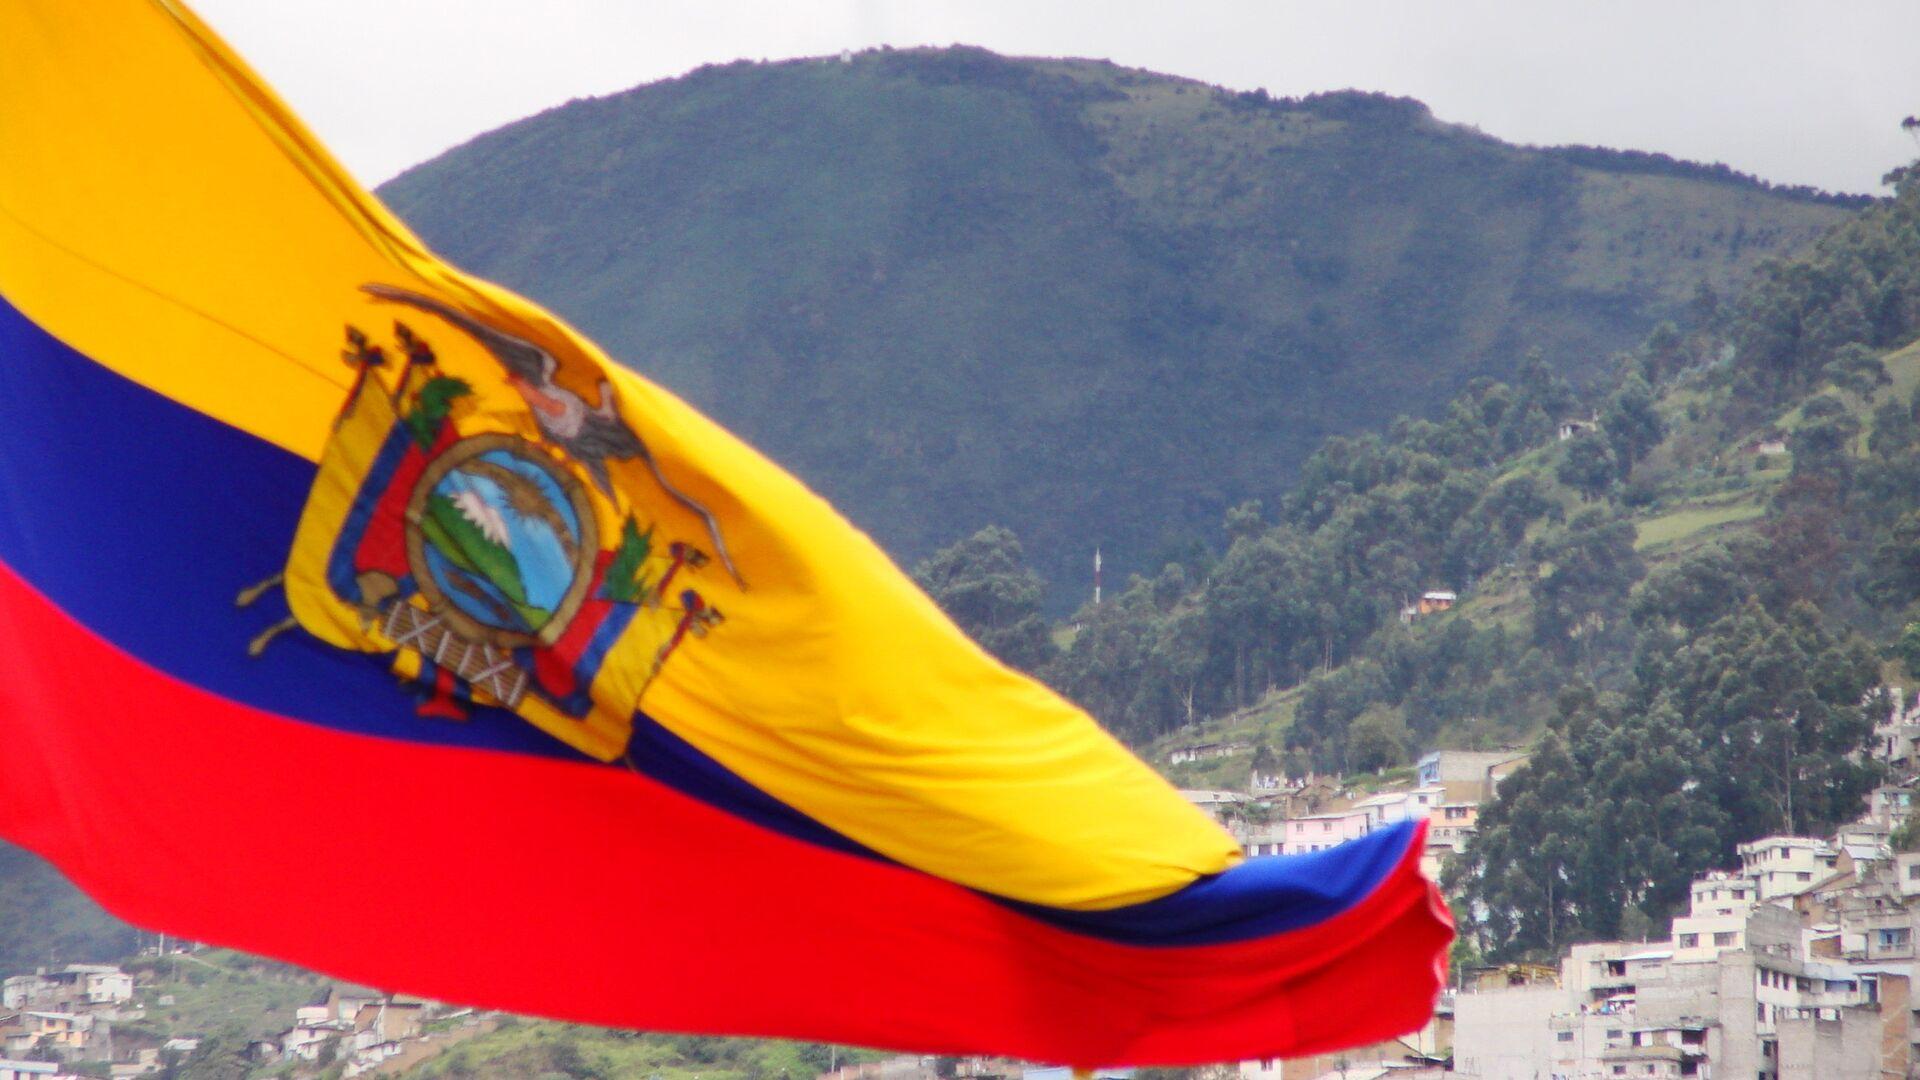 Bandera de Ecuador - Sputnik Mundo, 1920, 27.09.2021